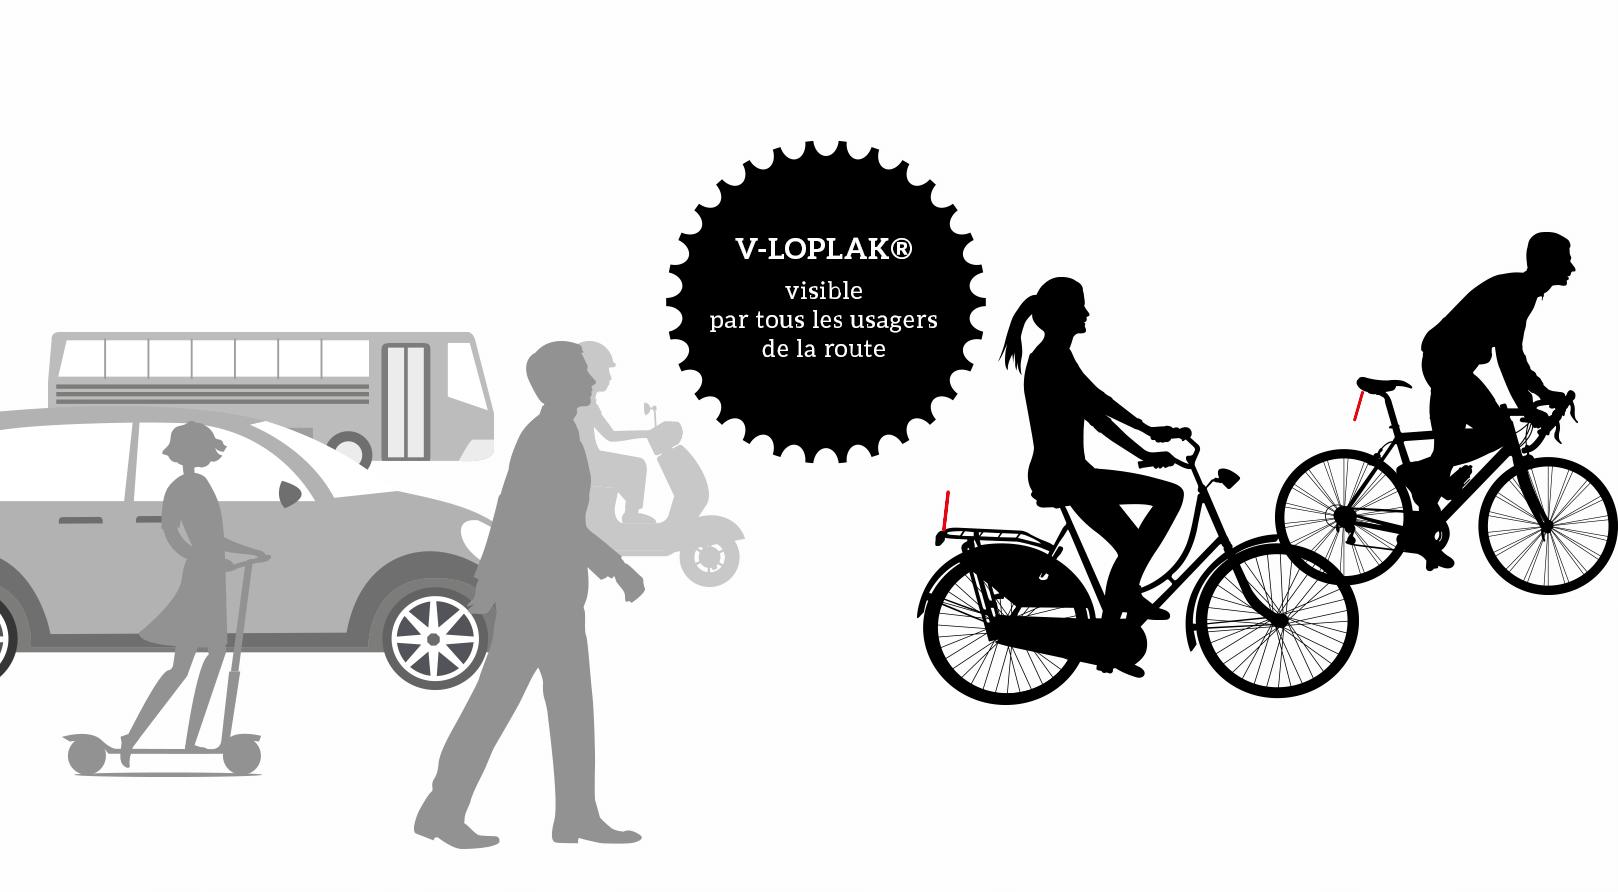 V-LOPLAK®, une plaque vélo pour remettre un peu d'harmonie entre tous les usagers de la route